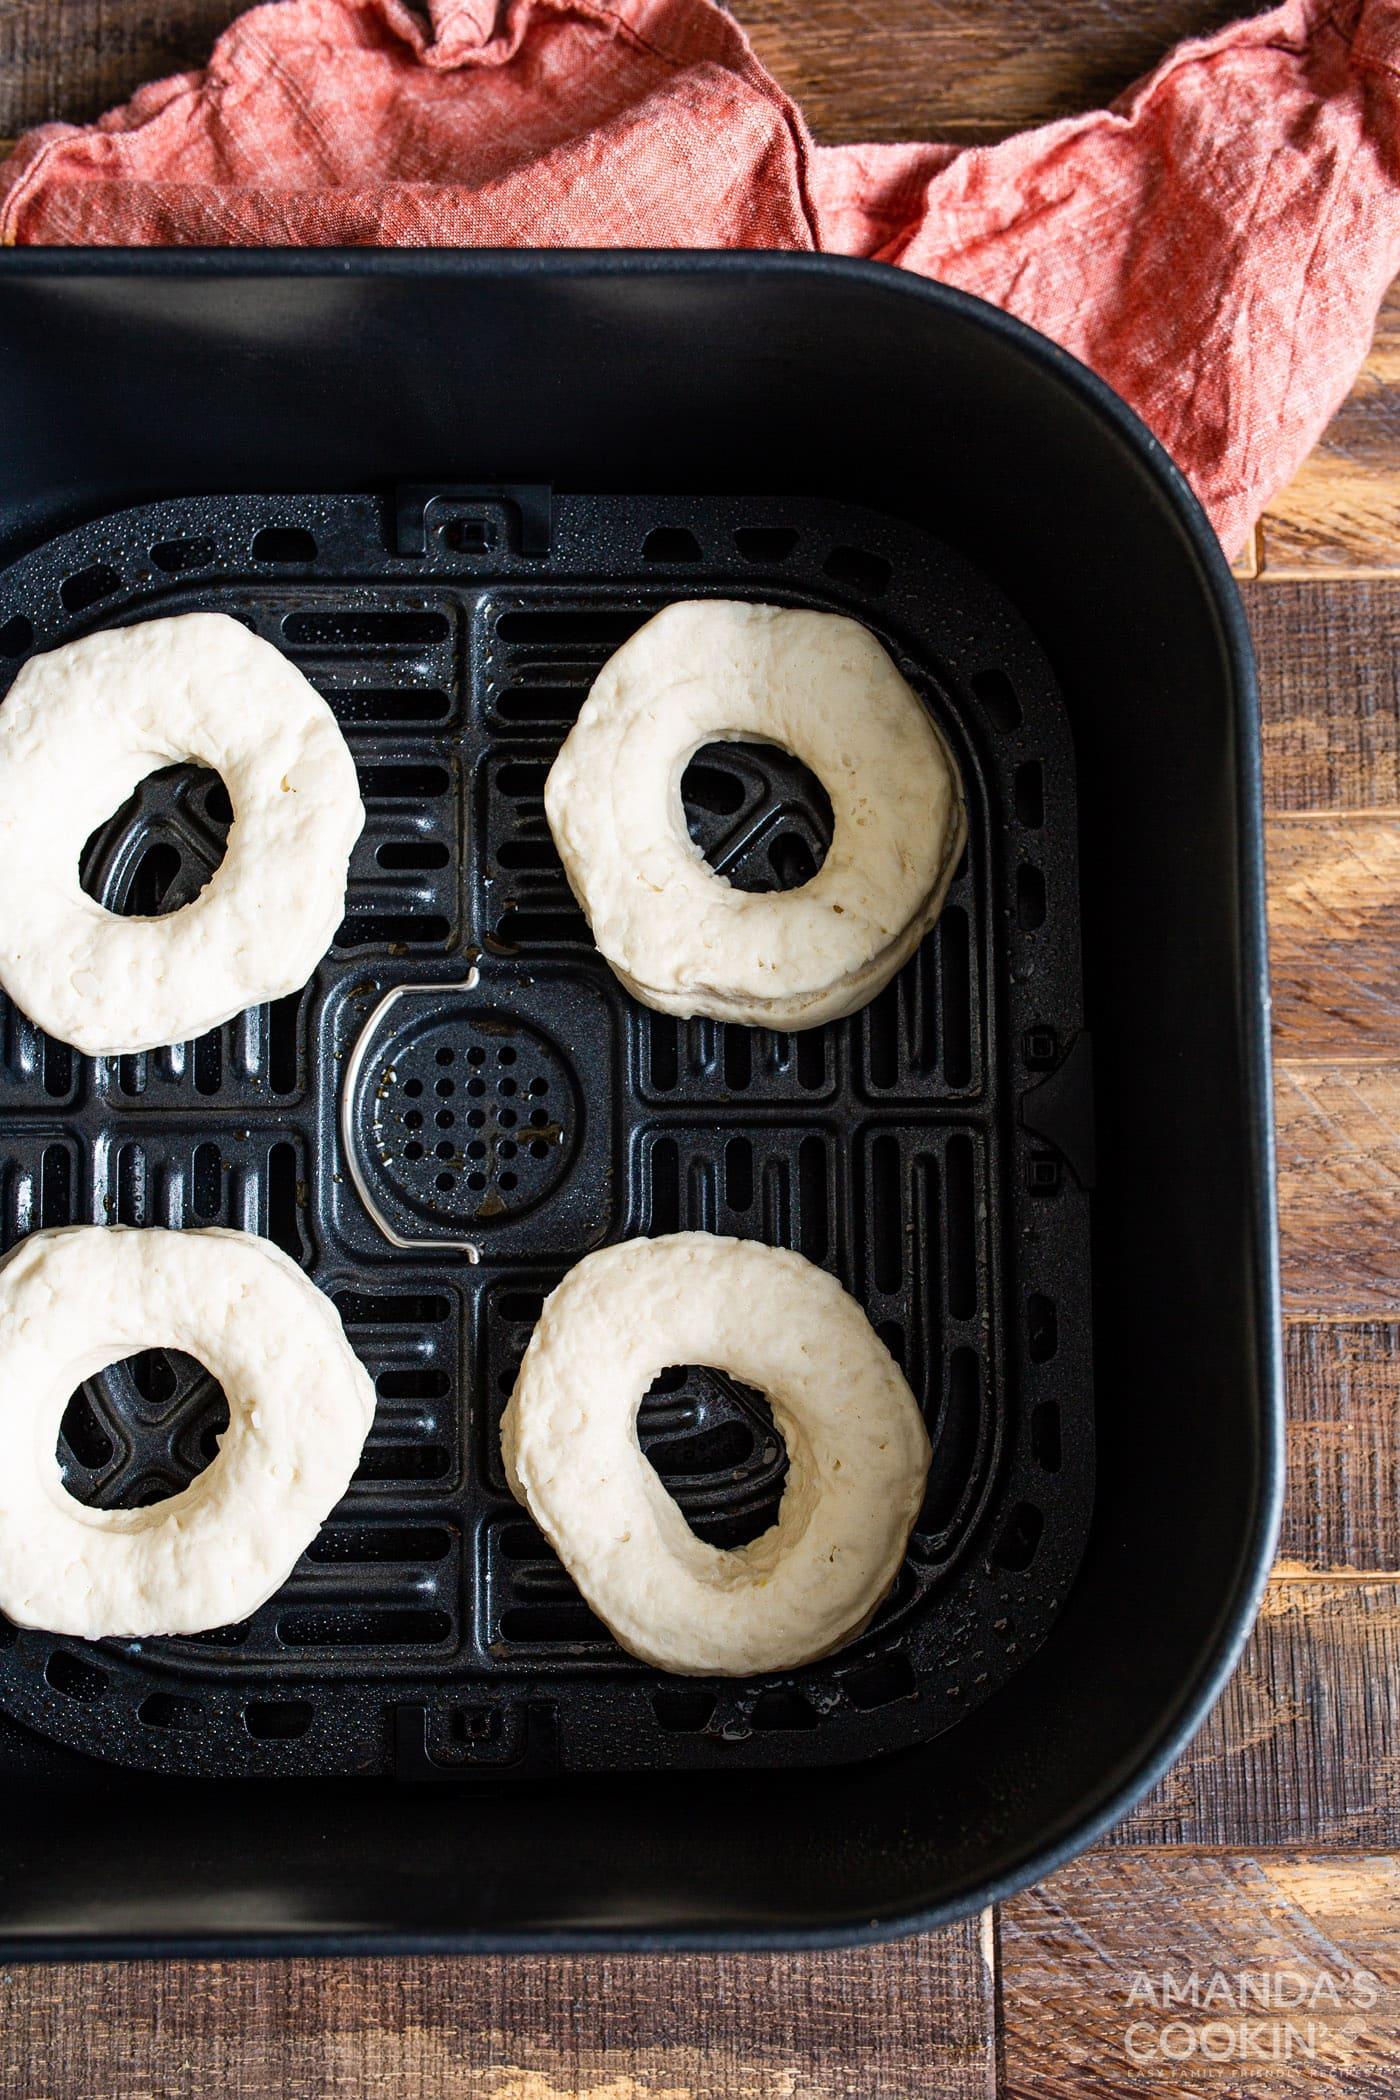 donuts in air fryer basket